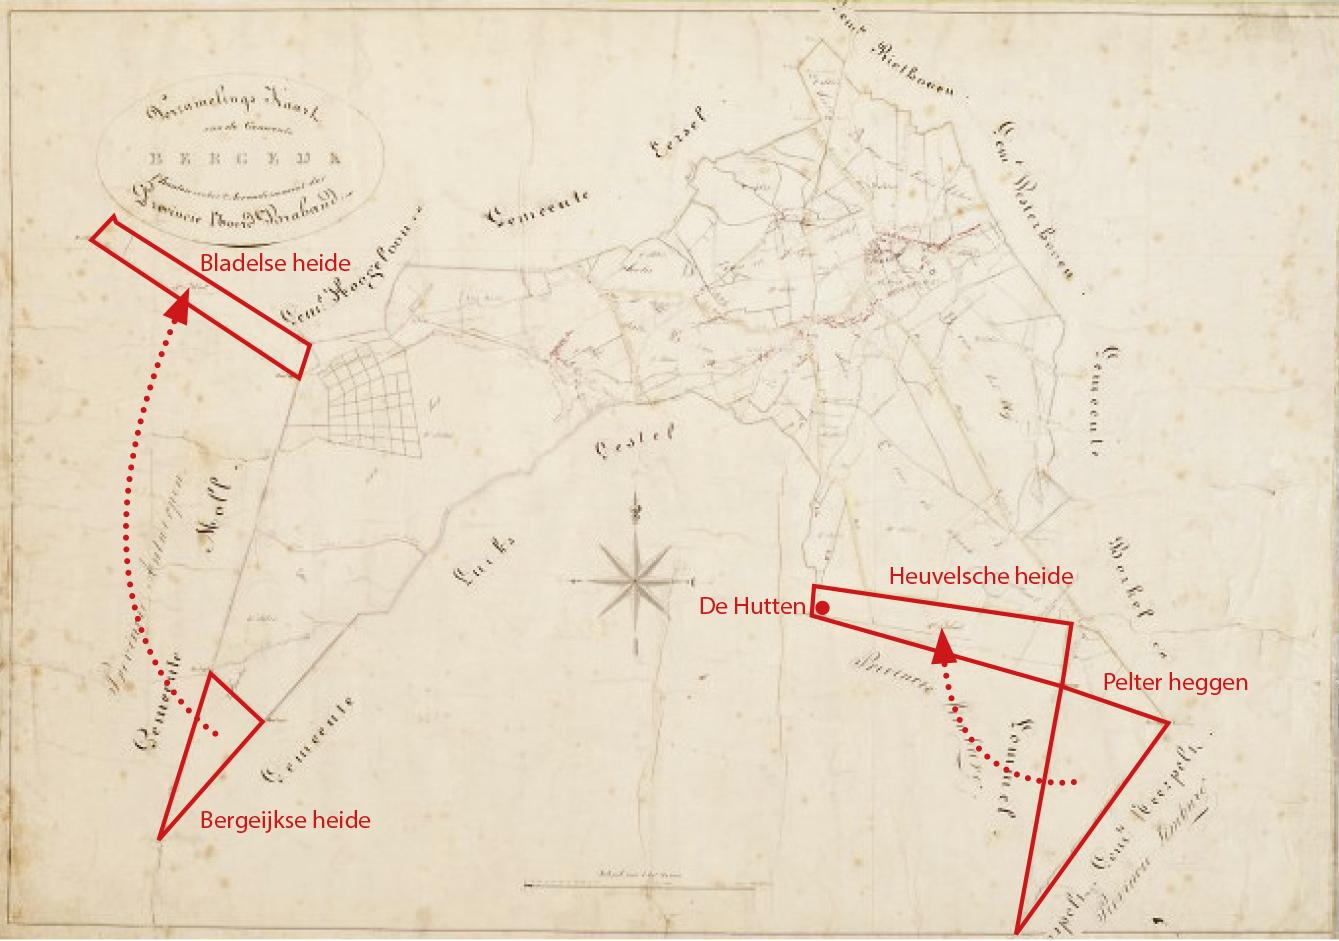 Voor de aanleg van het Kempisch kanaal werden in 1842 gronden geruild. Kadastraal verzamelplan 1832.